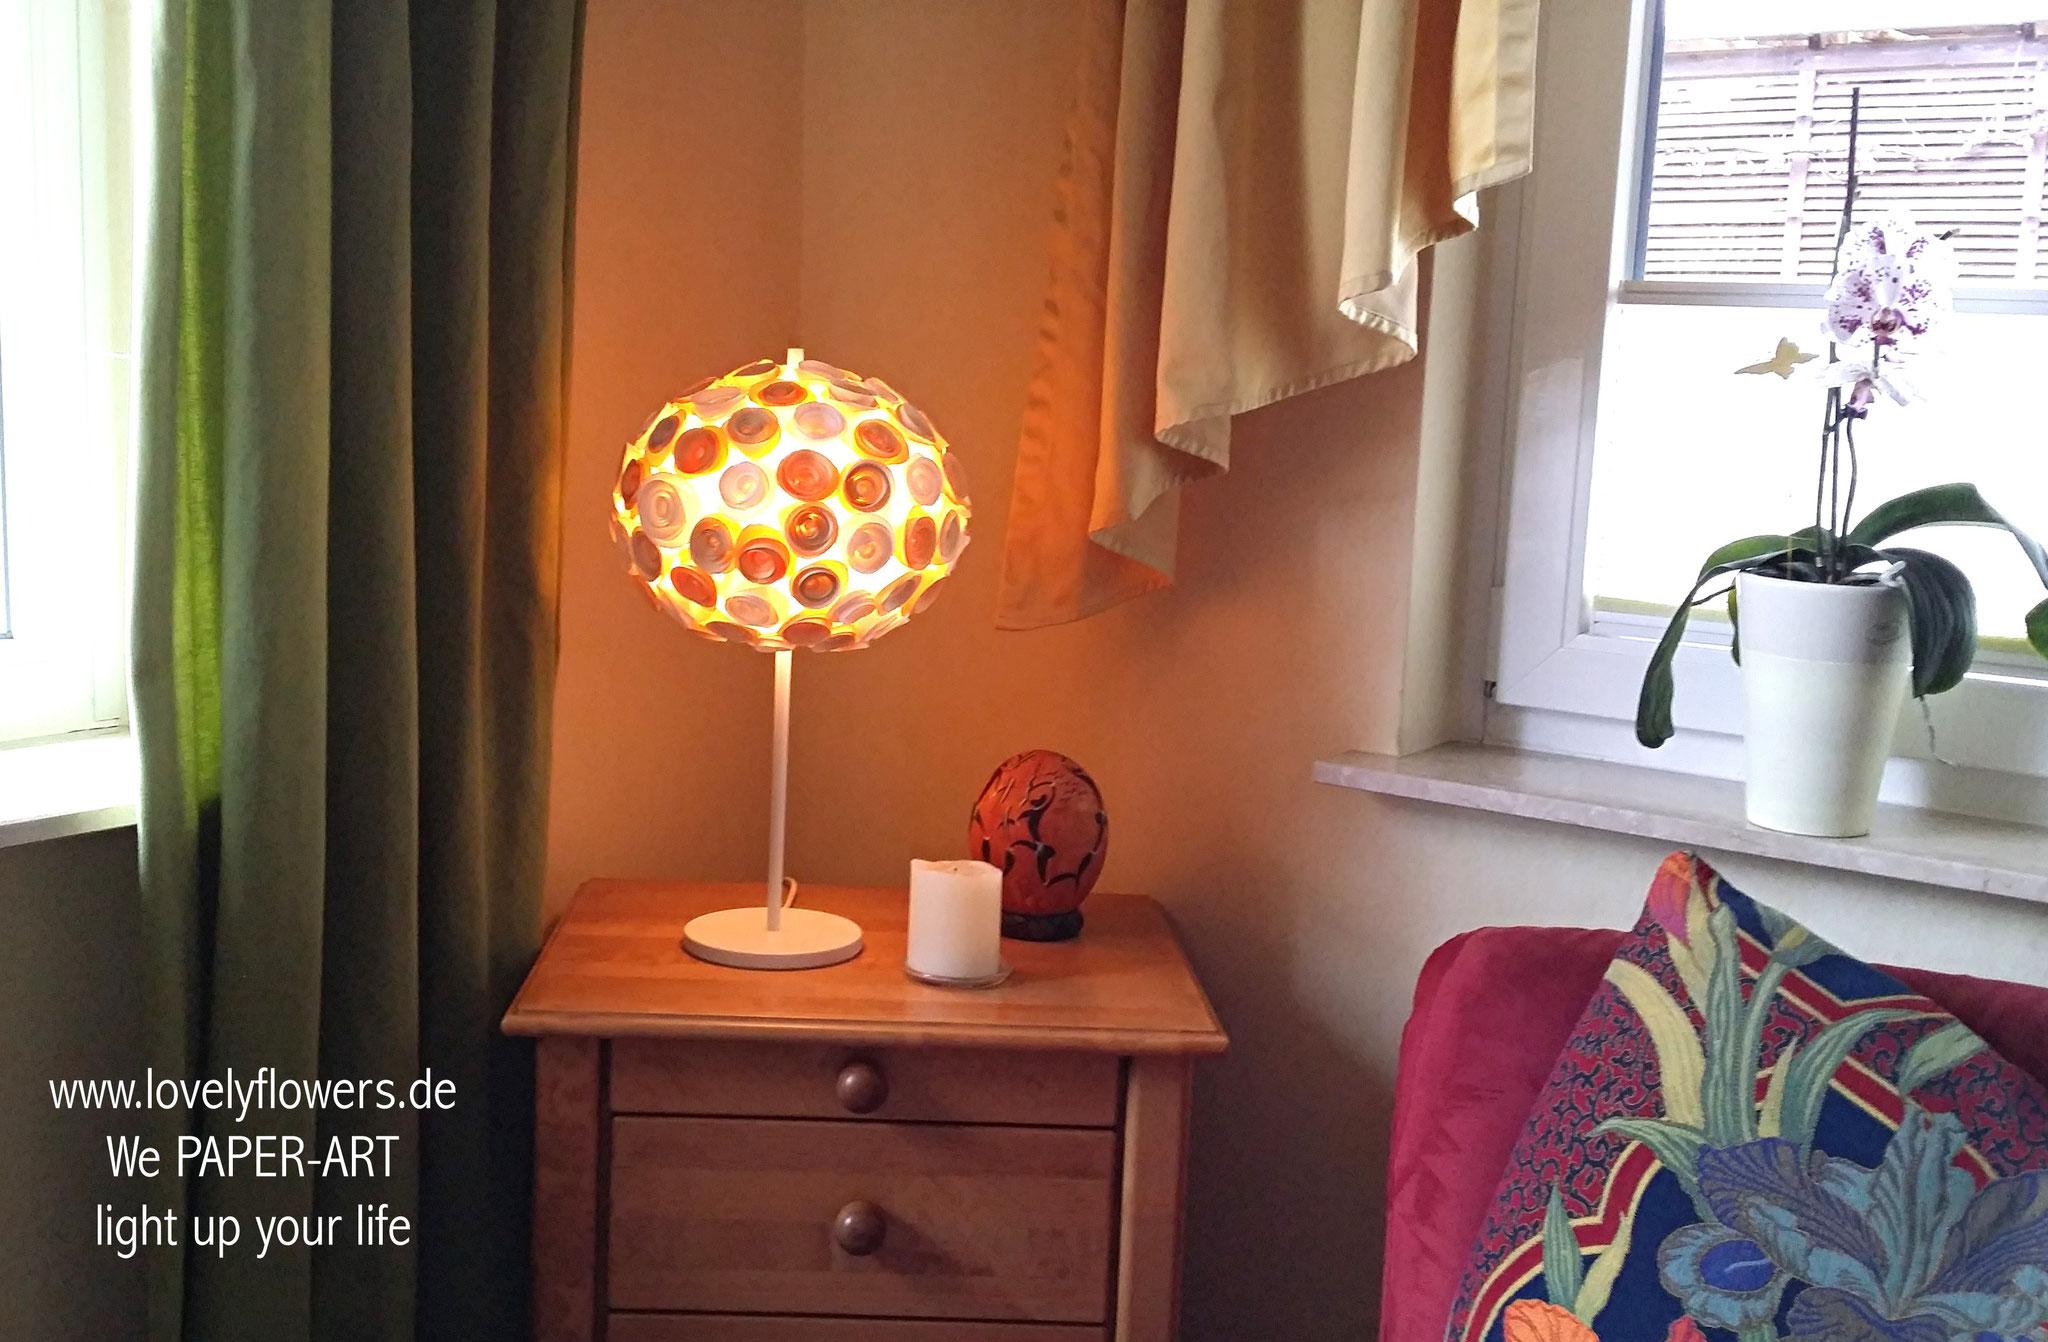 www.lovelyflowers.de - Paper Art Lampen sind ein wunderschön romantischer Blickfang!